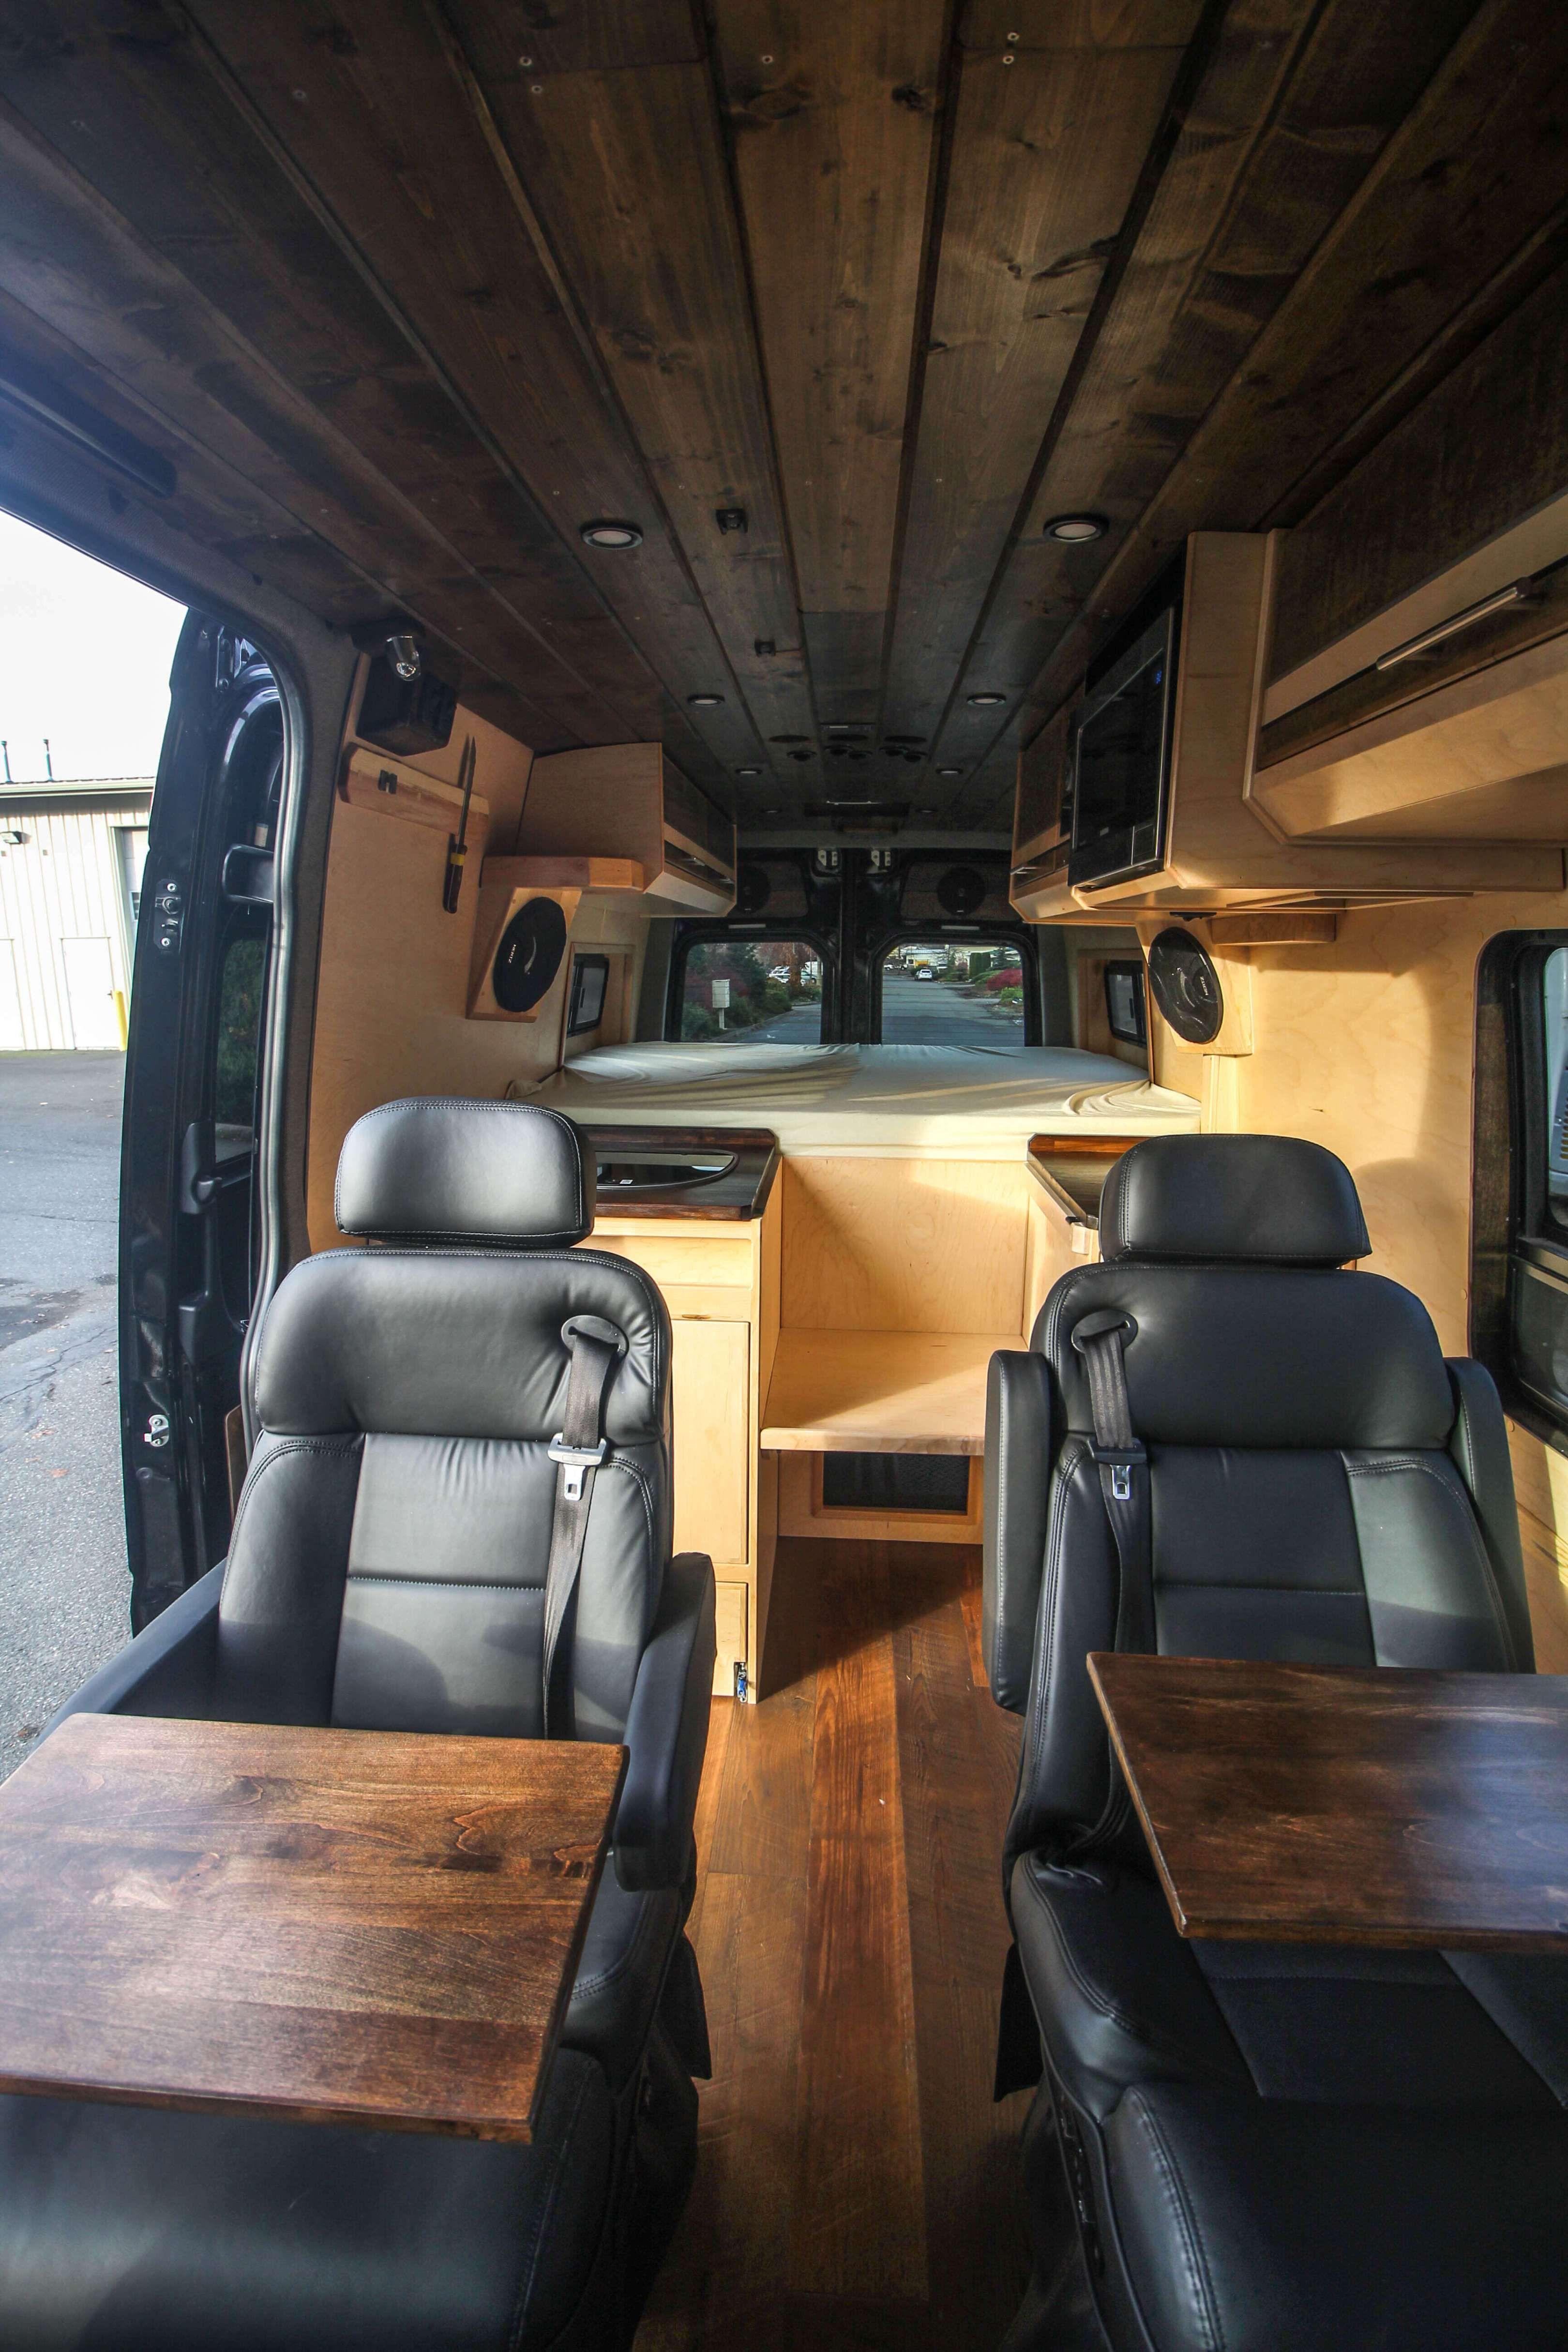 Hennessy Van conversion interior, Camper van conversion